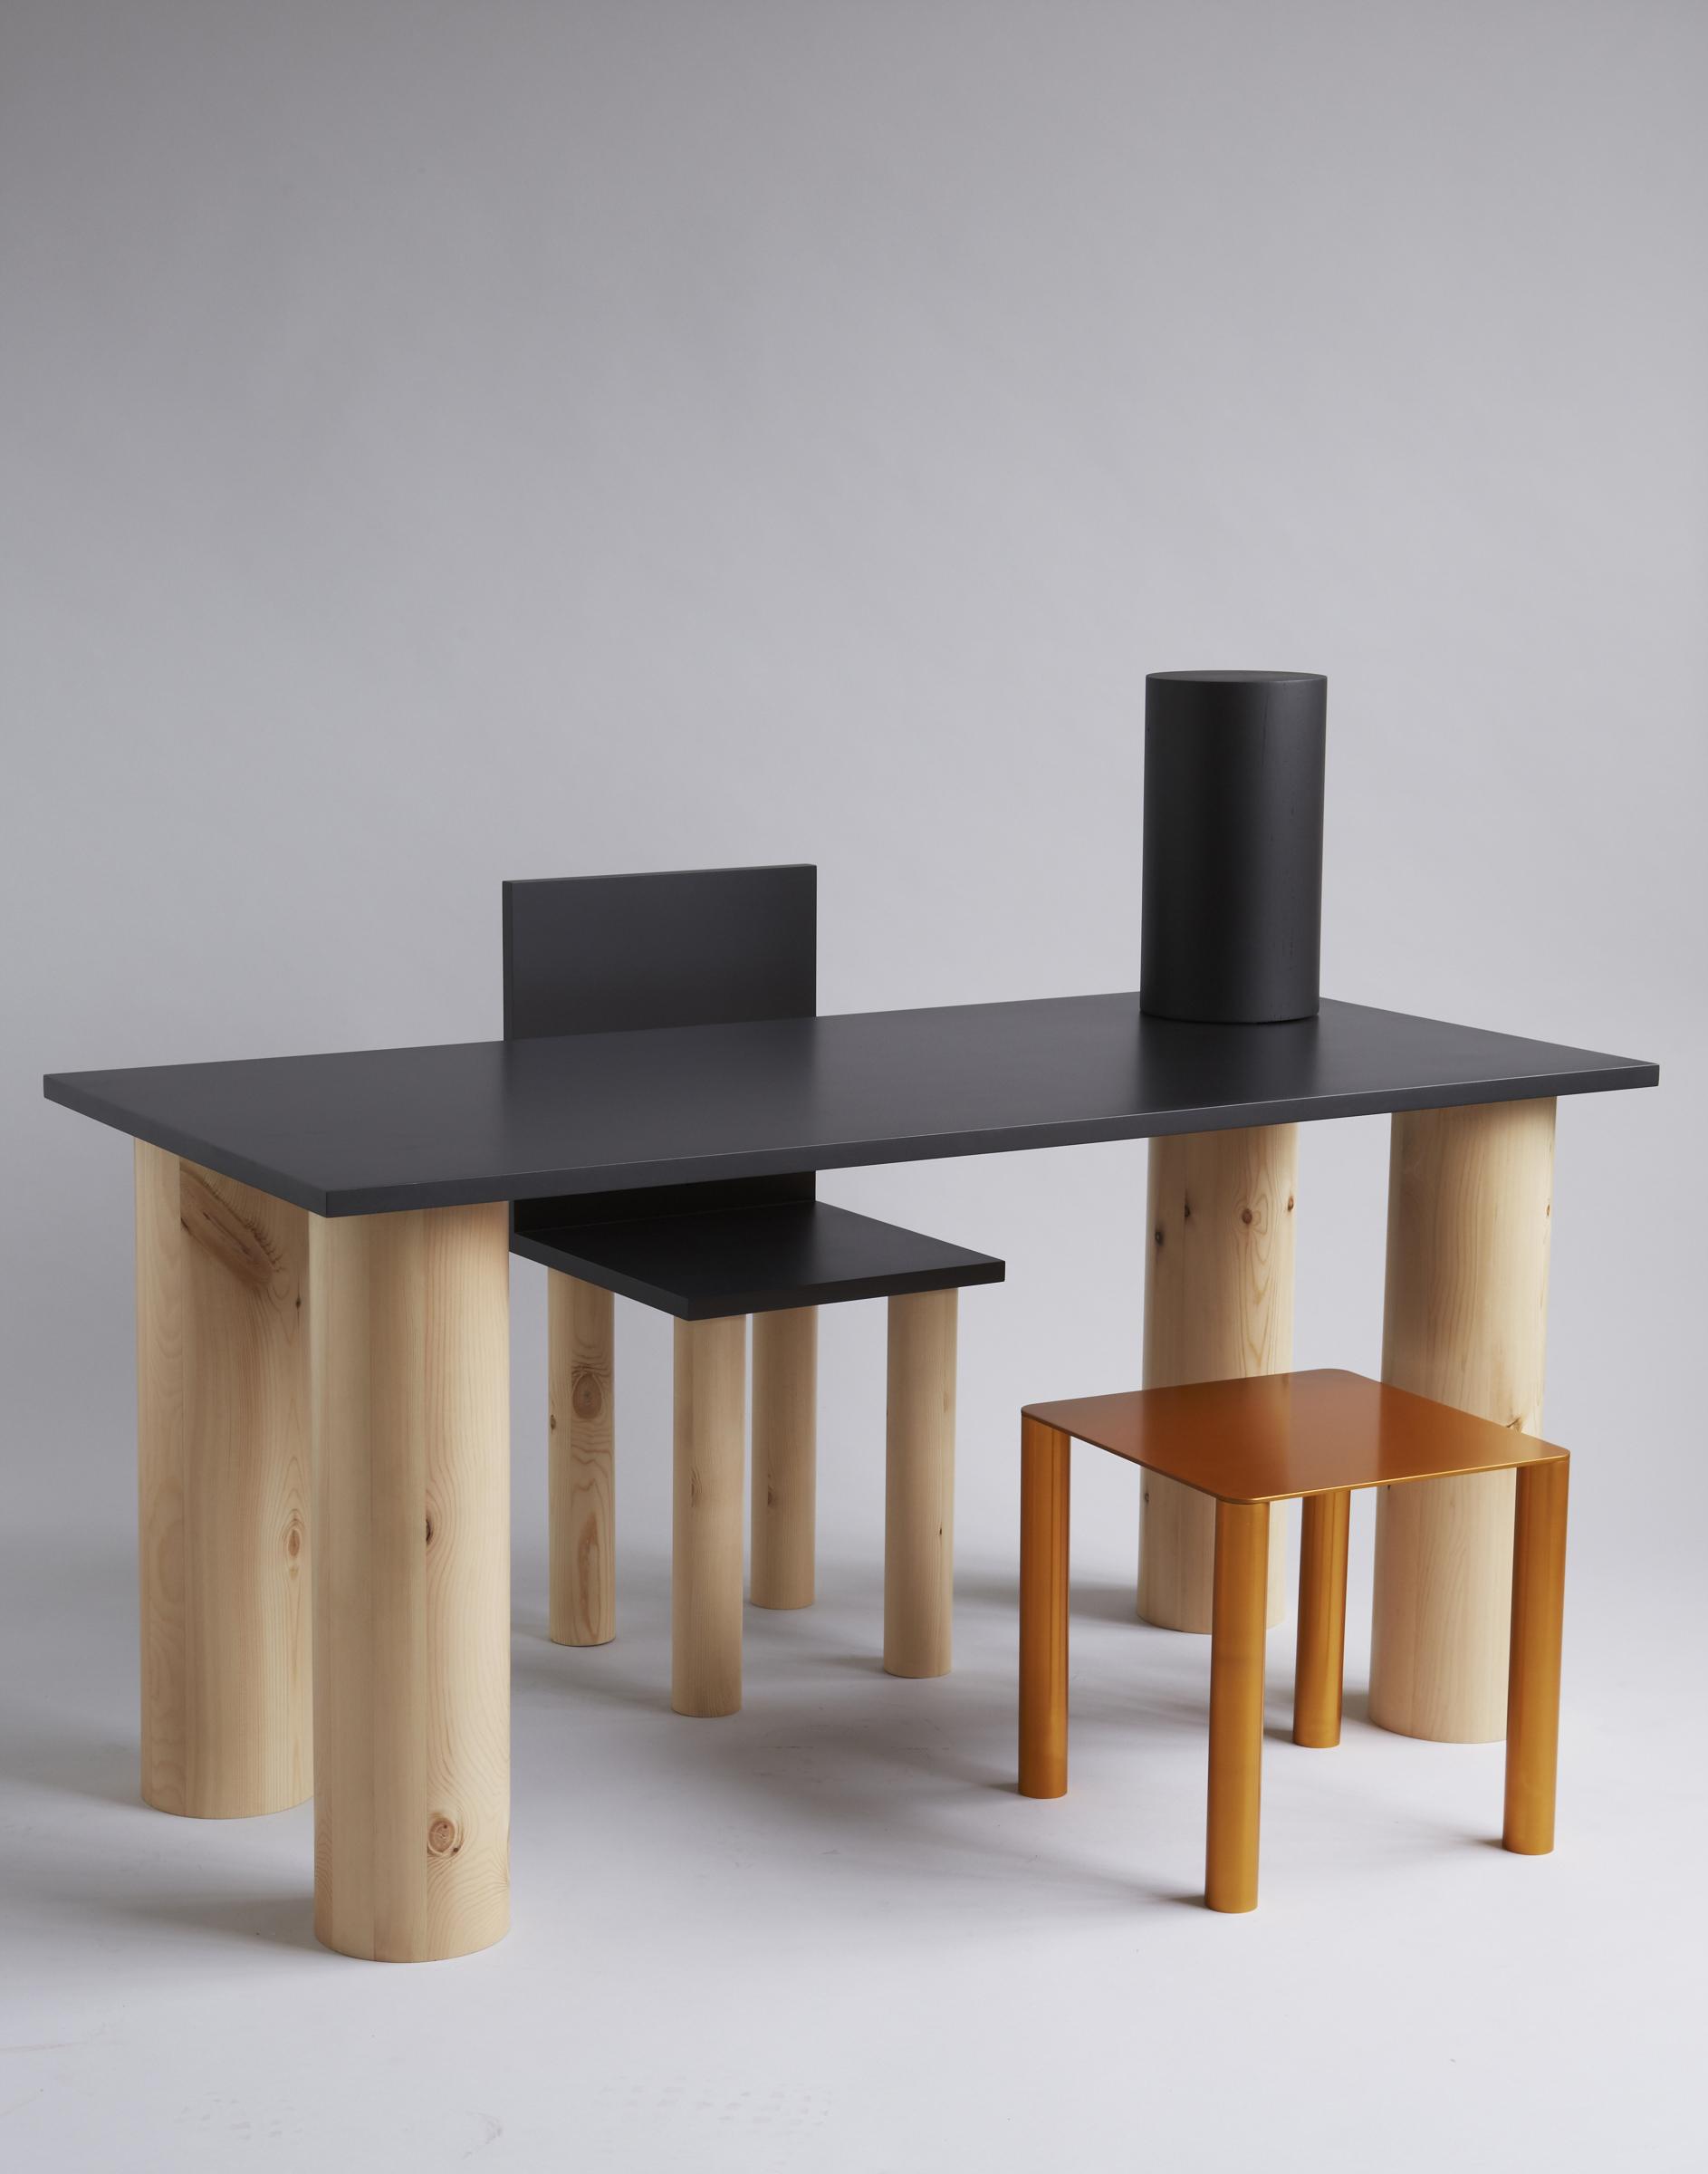 Ornamental-Furniture-David-Horan-06.jpg